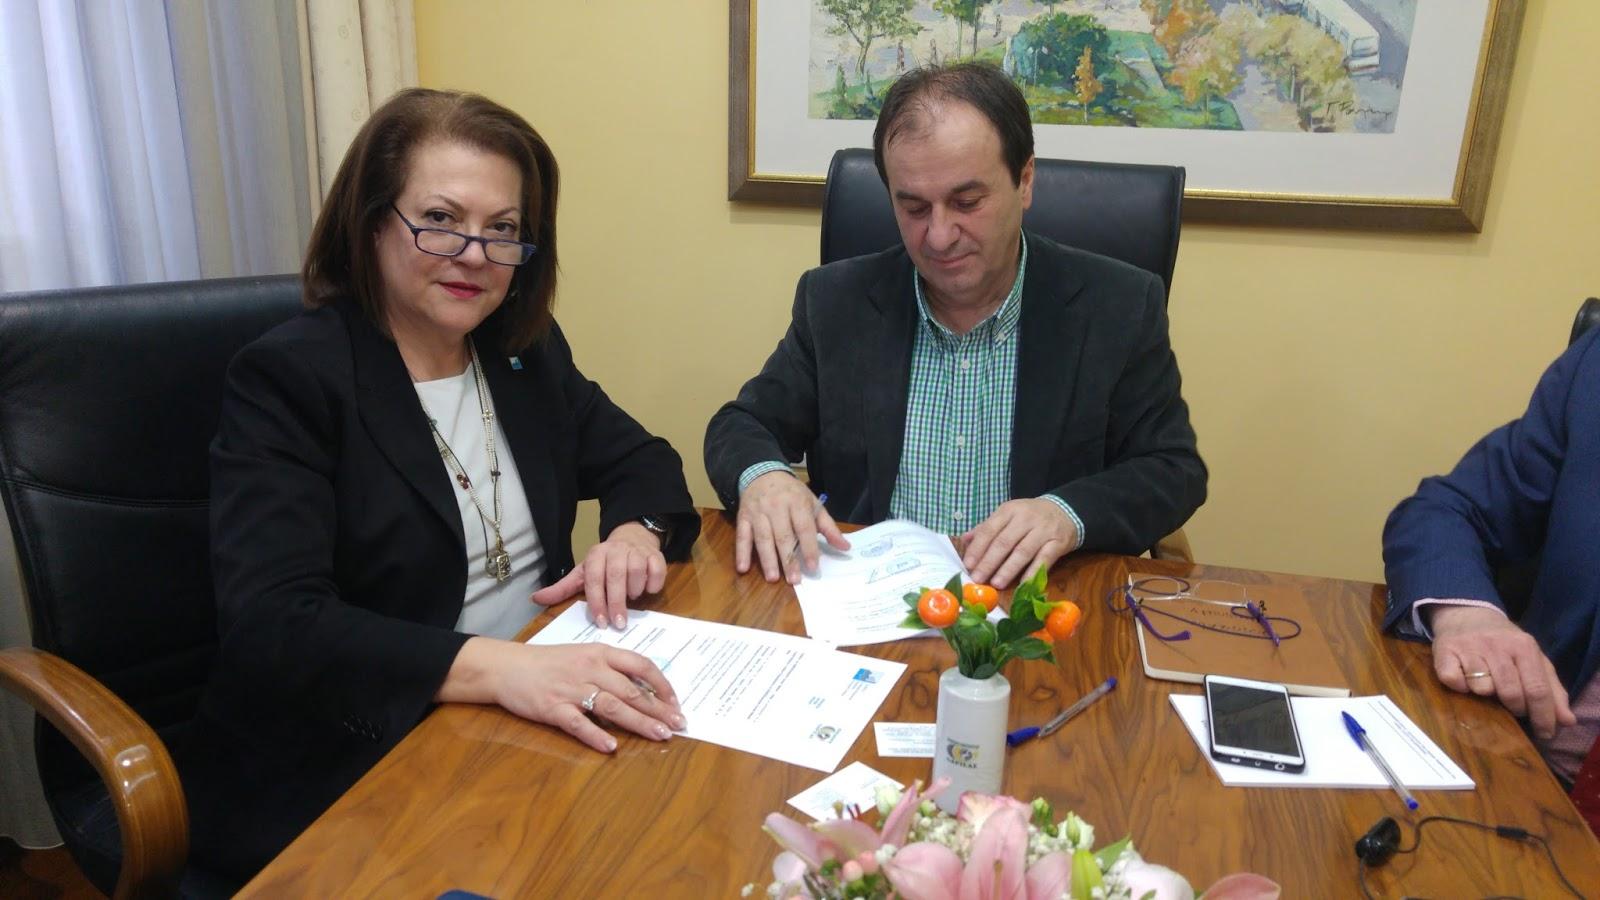 Συνεργασία του Επιμελητηρίου Λάρισας και του Συνδέσμου Βιομηχανιών Θεσσαλίας και Κεντρικής Ελλάδος